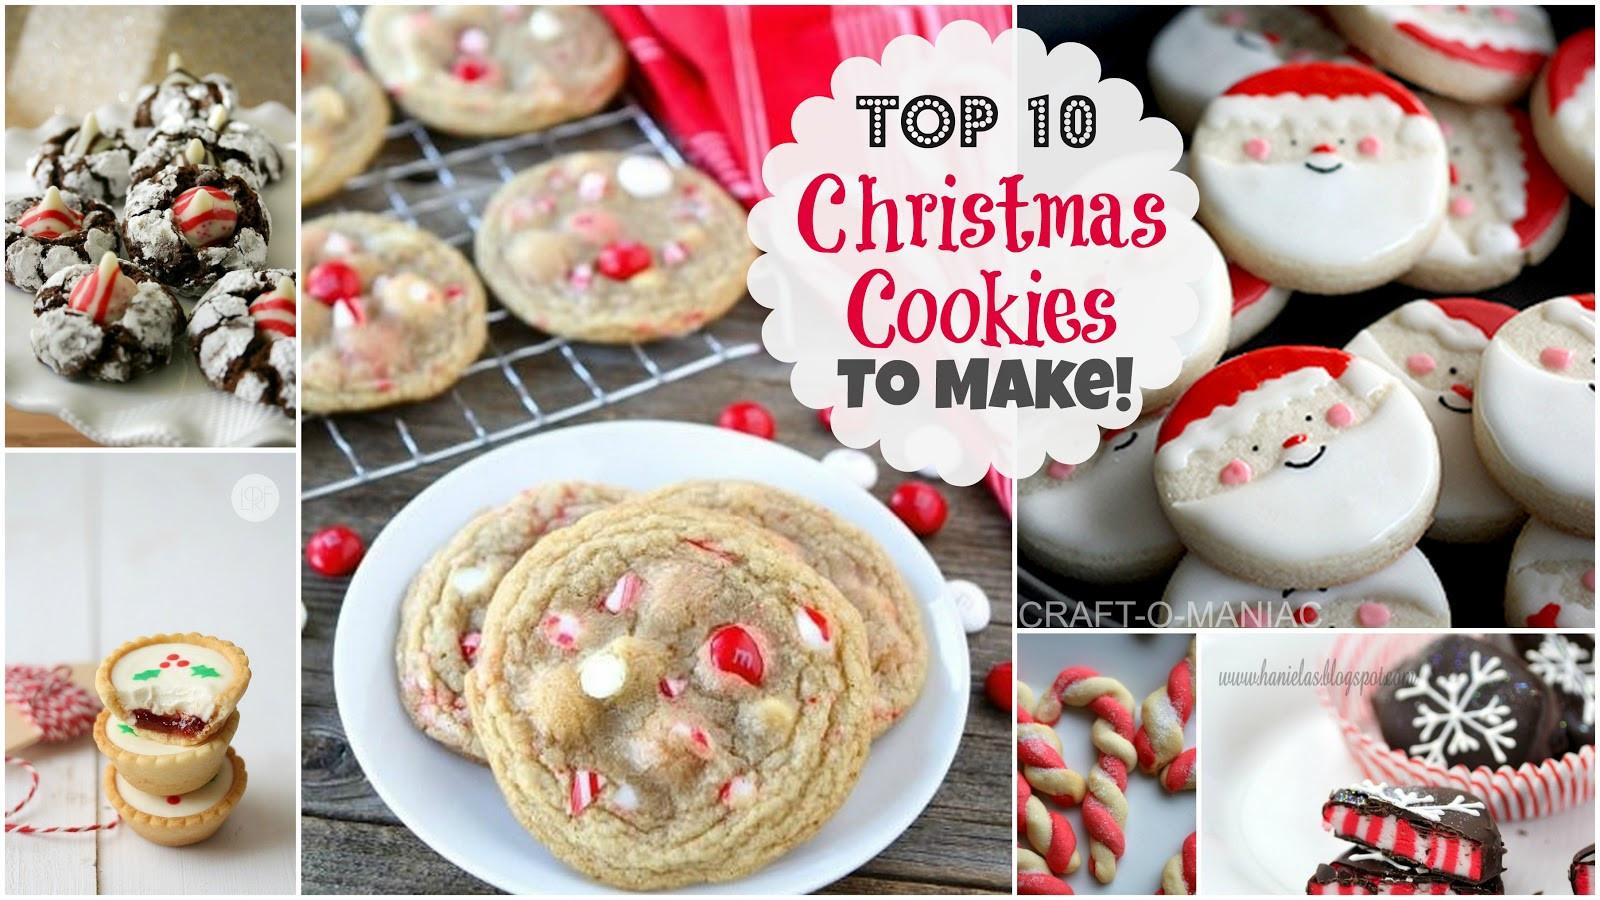 Famous Christmas Cookies  Top 10 Christmas Cookies to Make Craft O Maniac